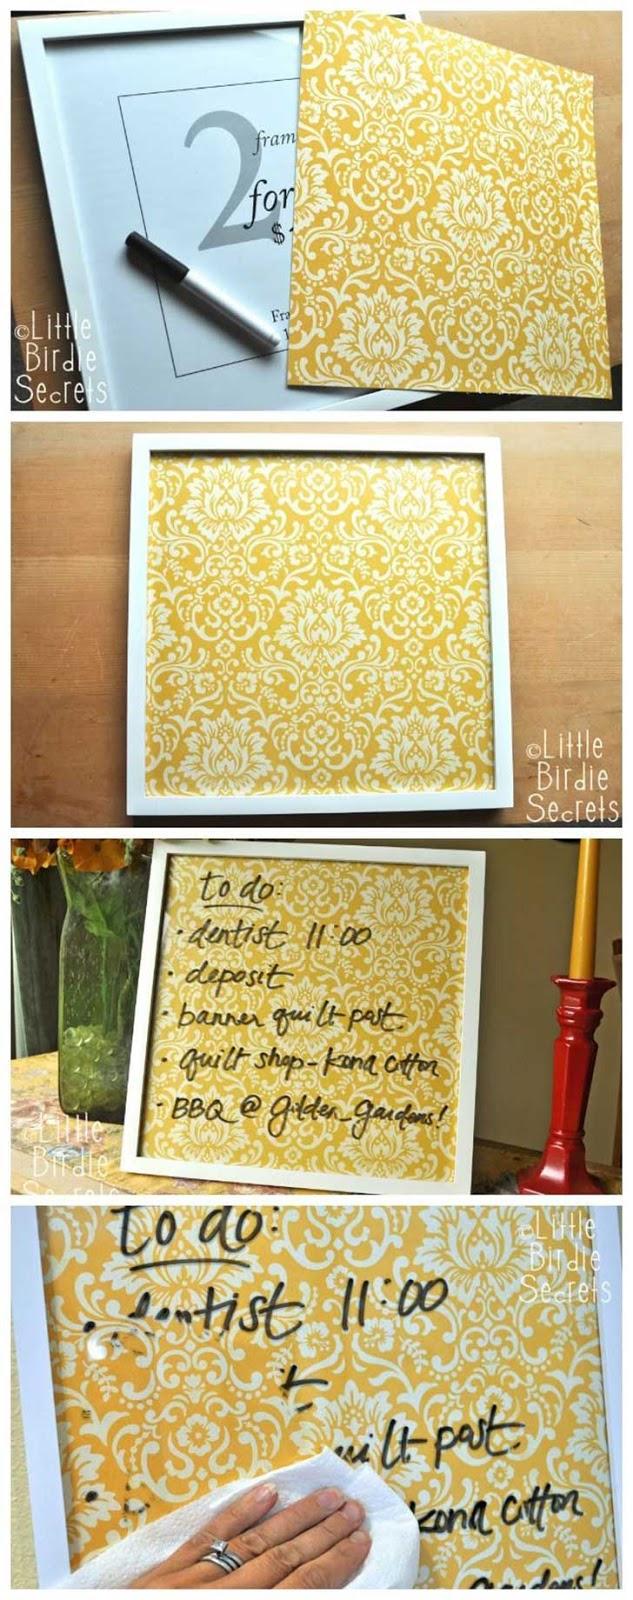 8 ideas para decorar nuestra casa hazlo tu misma - Cortar pizarra en casa ...